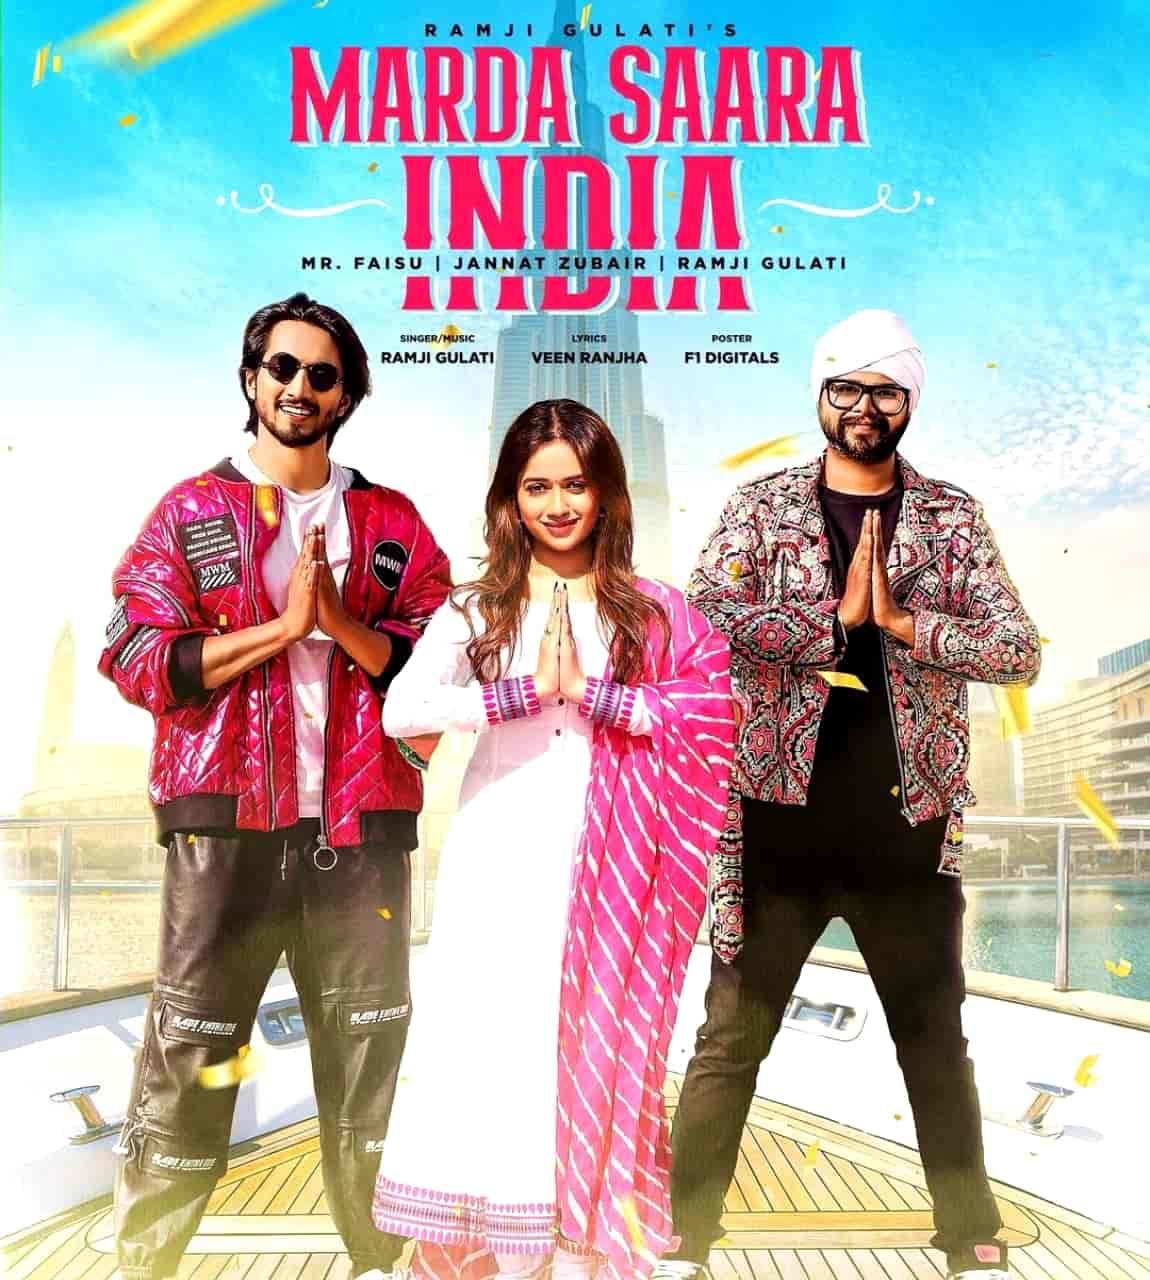 Marda Sara India Punjabi Song Image Features Ramji Gulati, Jannat Zubair and Mr Faisu